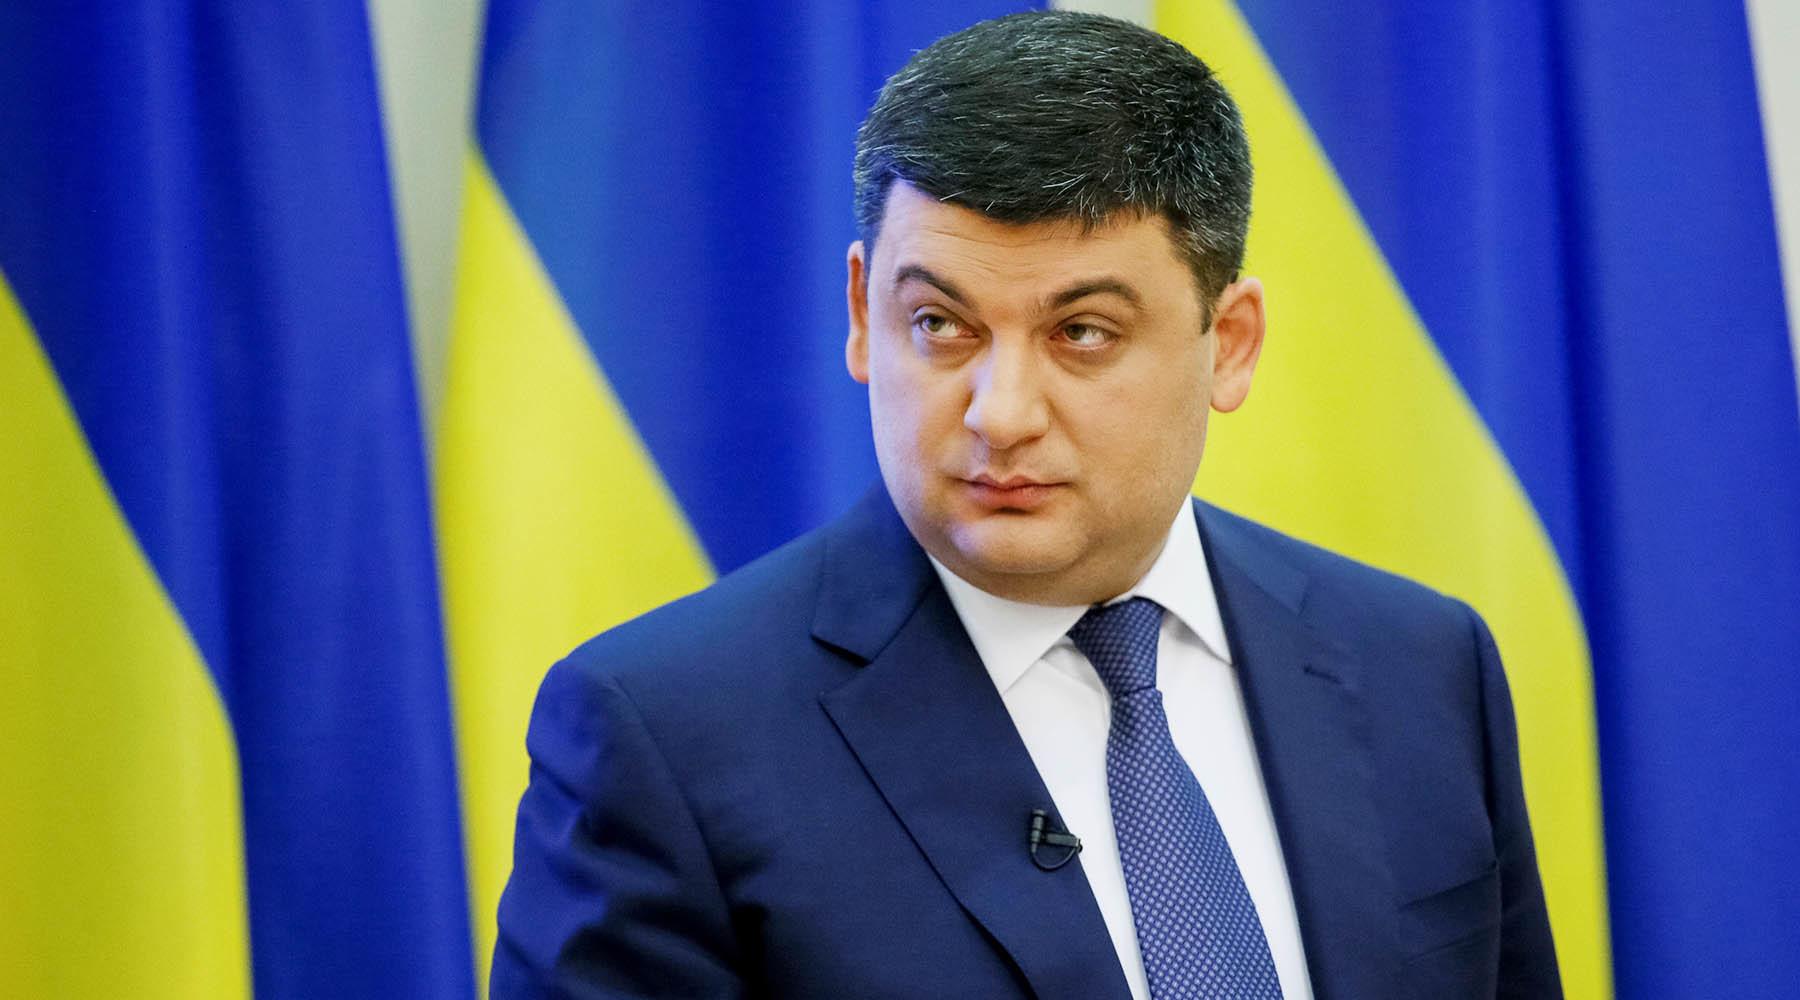 Киев разорвал соглашение с Москвой об экспорте военной продукции в третьи страны